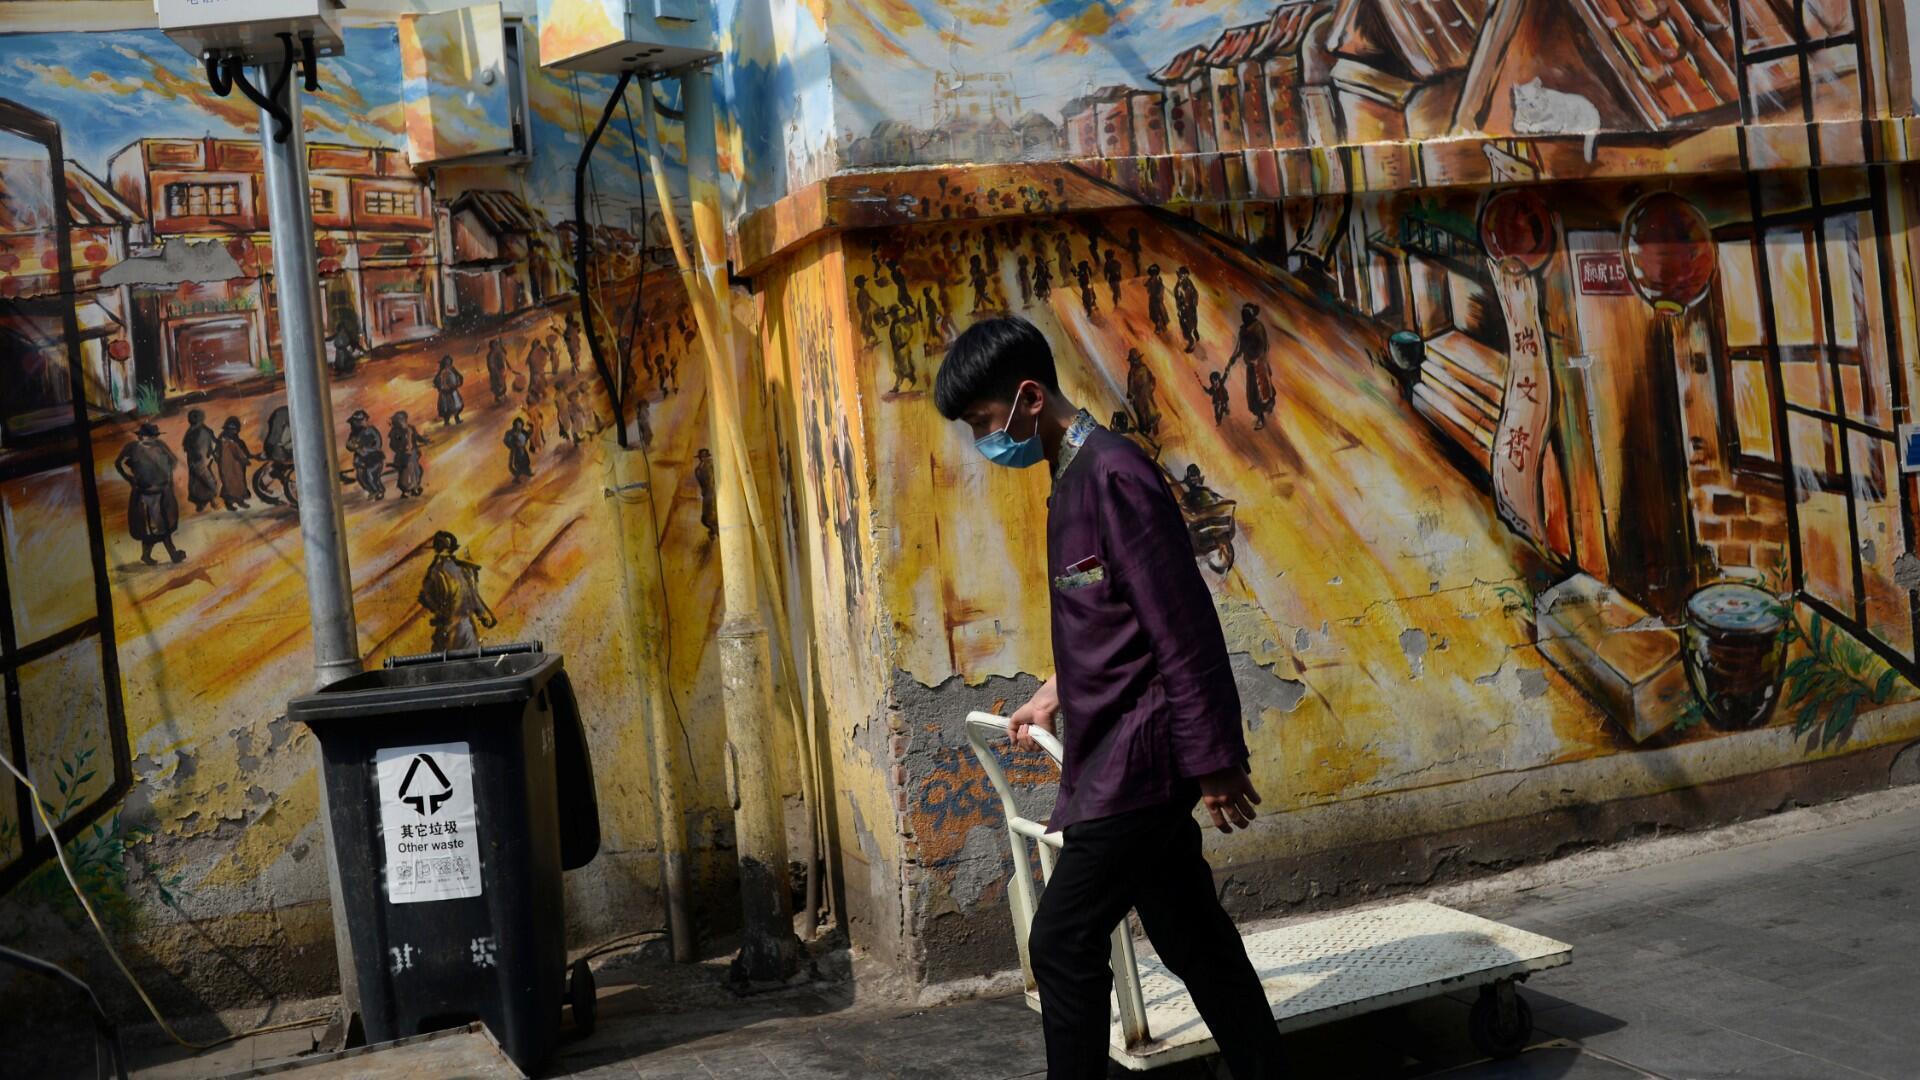 Un trabajador que usa una máscara facial pasa un carro por una pared pintada cerca de la calle Qianmen, en el primer día de las vacaciones de cinco días del Día del Trabajo después del brote de la enfermedad por coronavirus (COVID-19), en Beijing, China, el 1 de mayo de 2020.